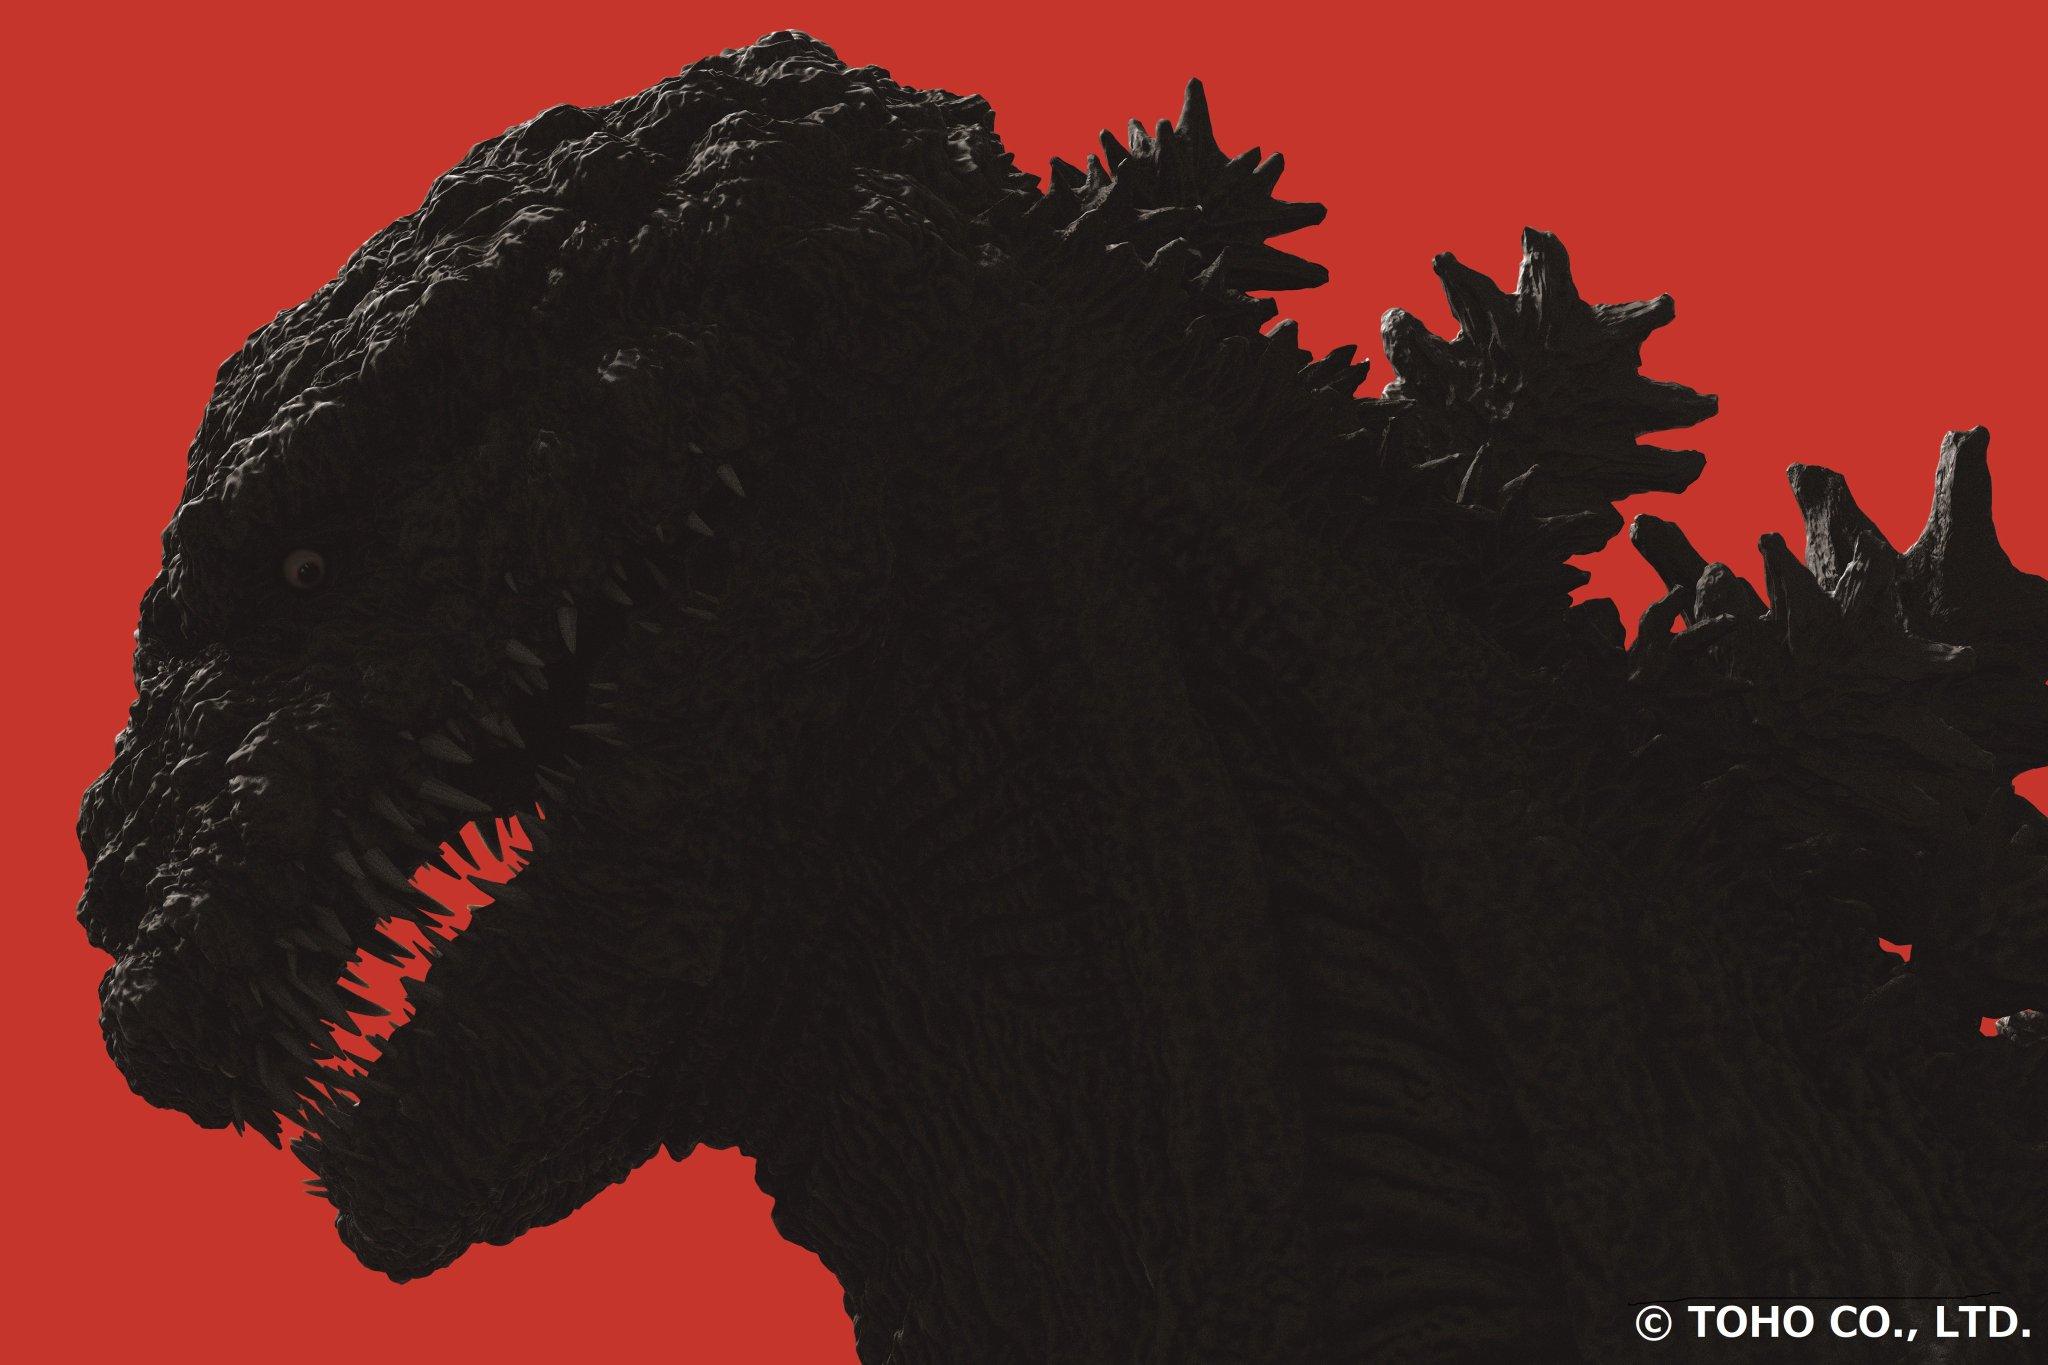 ゴジラ On Twitter テレワークやビデオ会議に使える壁紙を配布します 商業的利用 またデータの加工や再配布はご遠慮ください ゴジラ Godzilla 壁紙